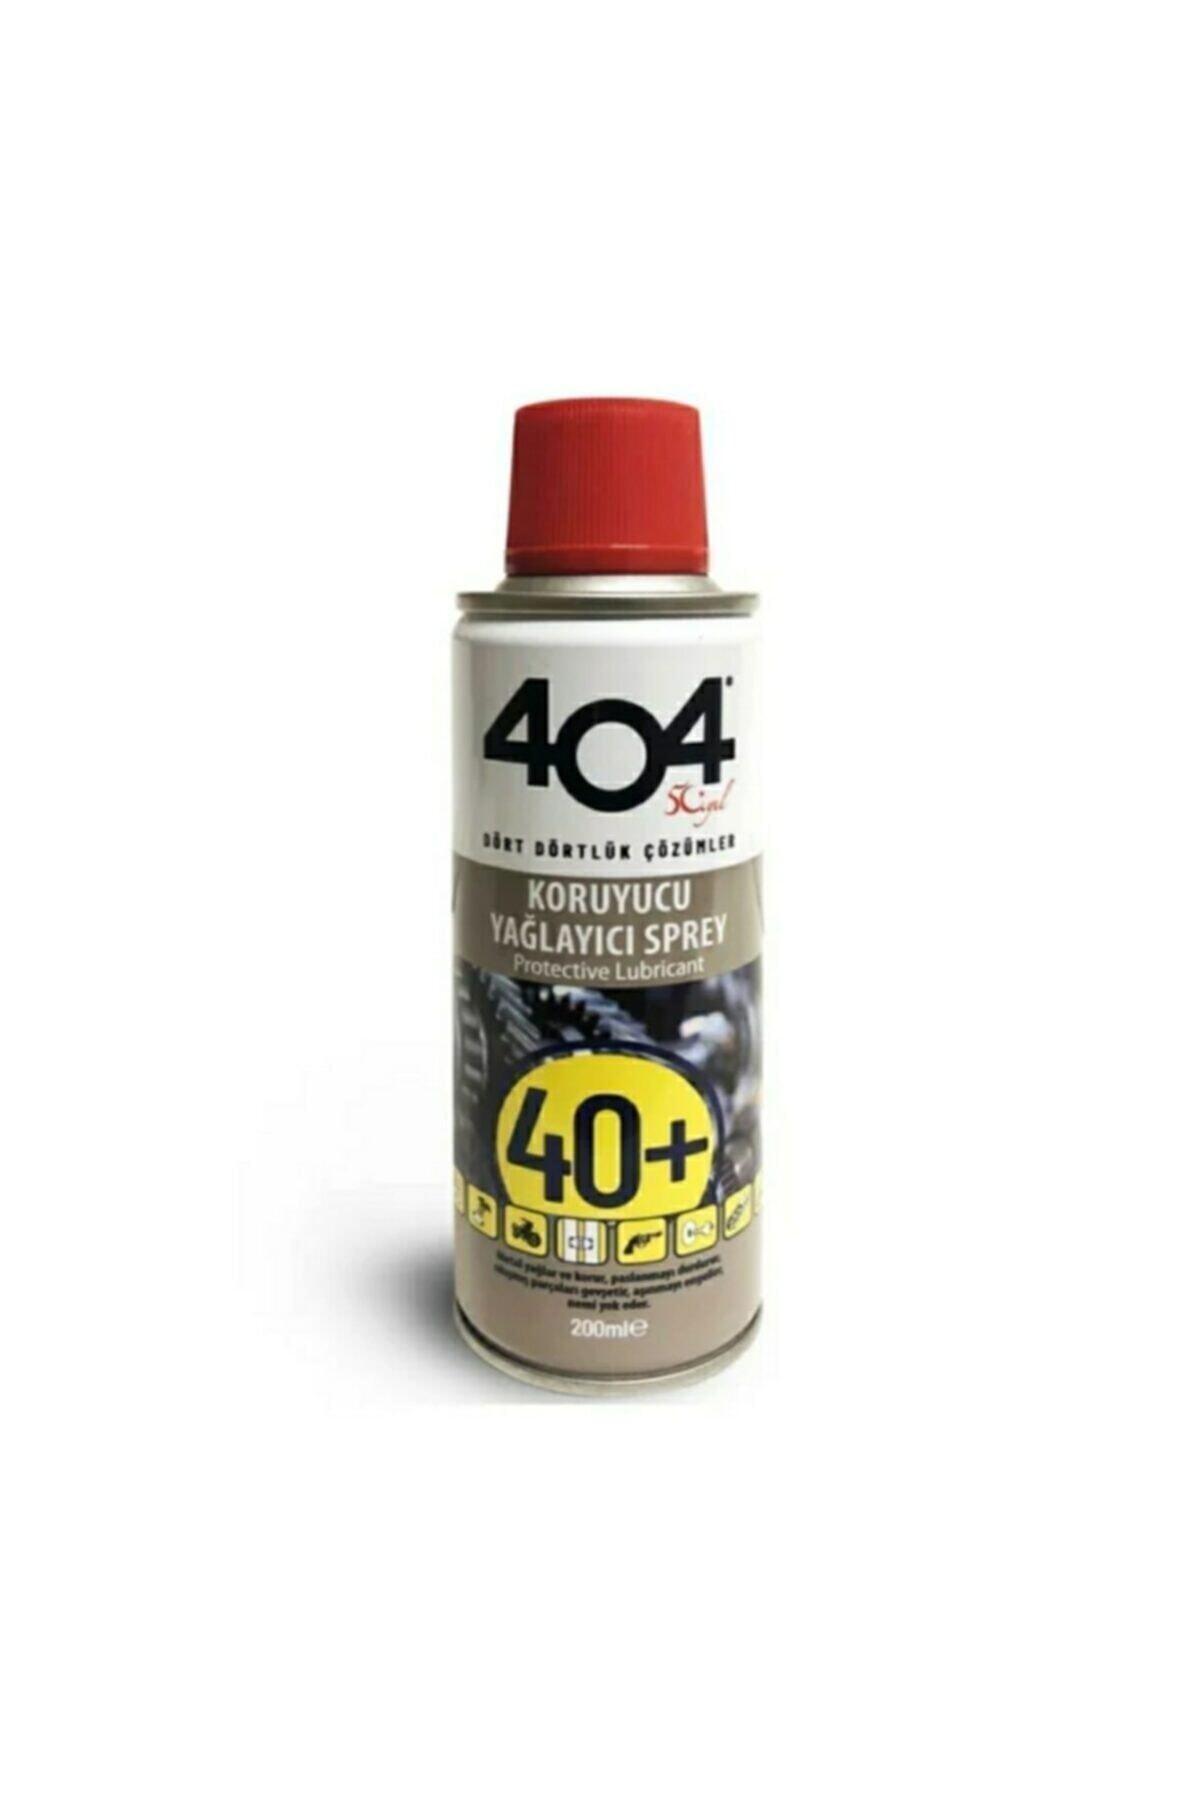 404 Kimya 404 40+ Koruyucu Yağlayıcı Pas Sökücü Sprey 200 Ml 1